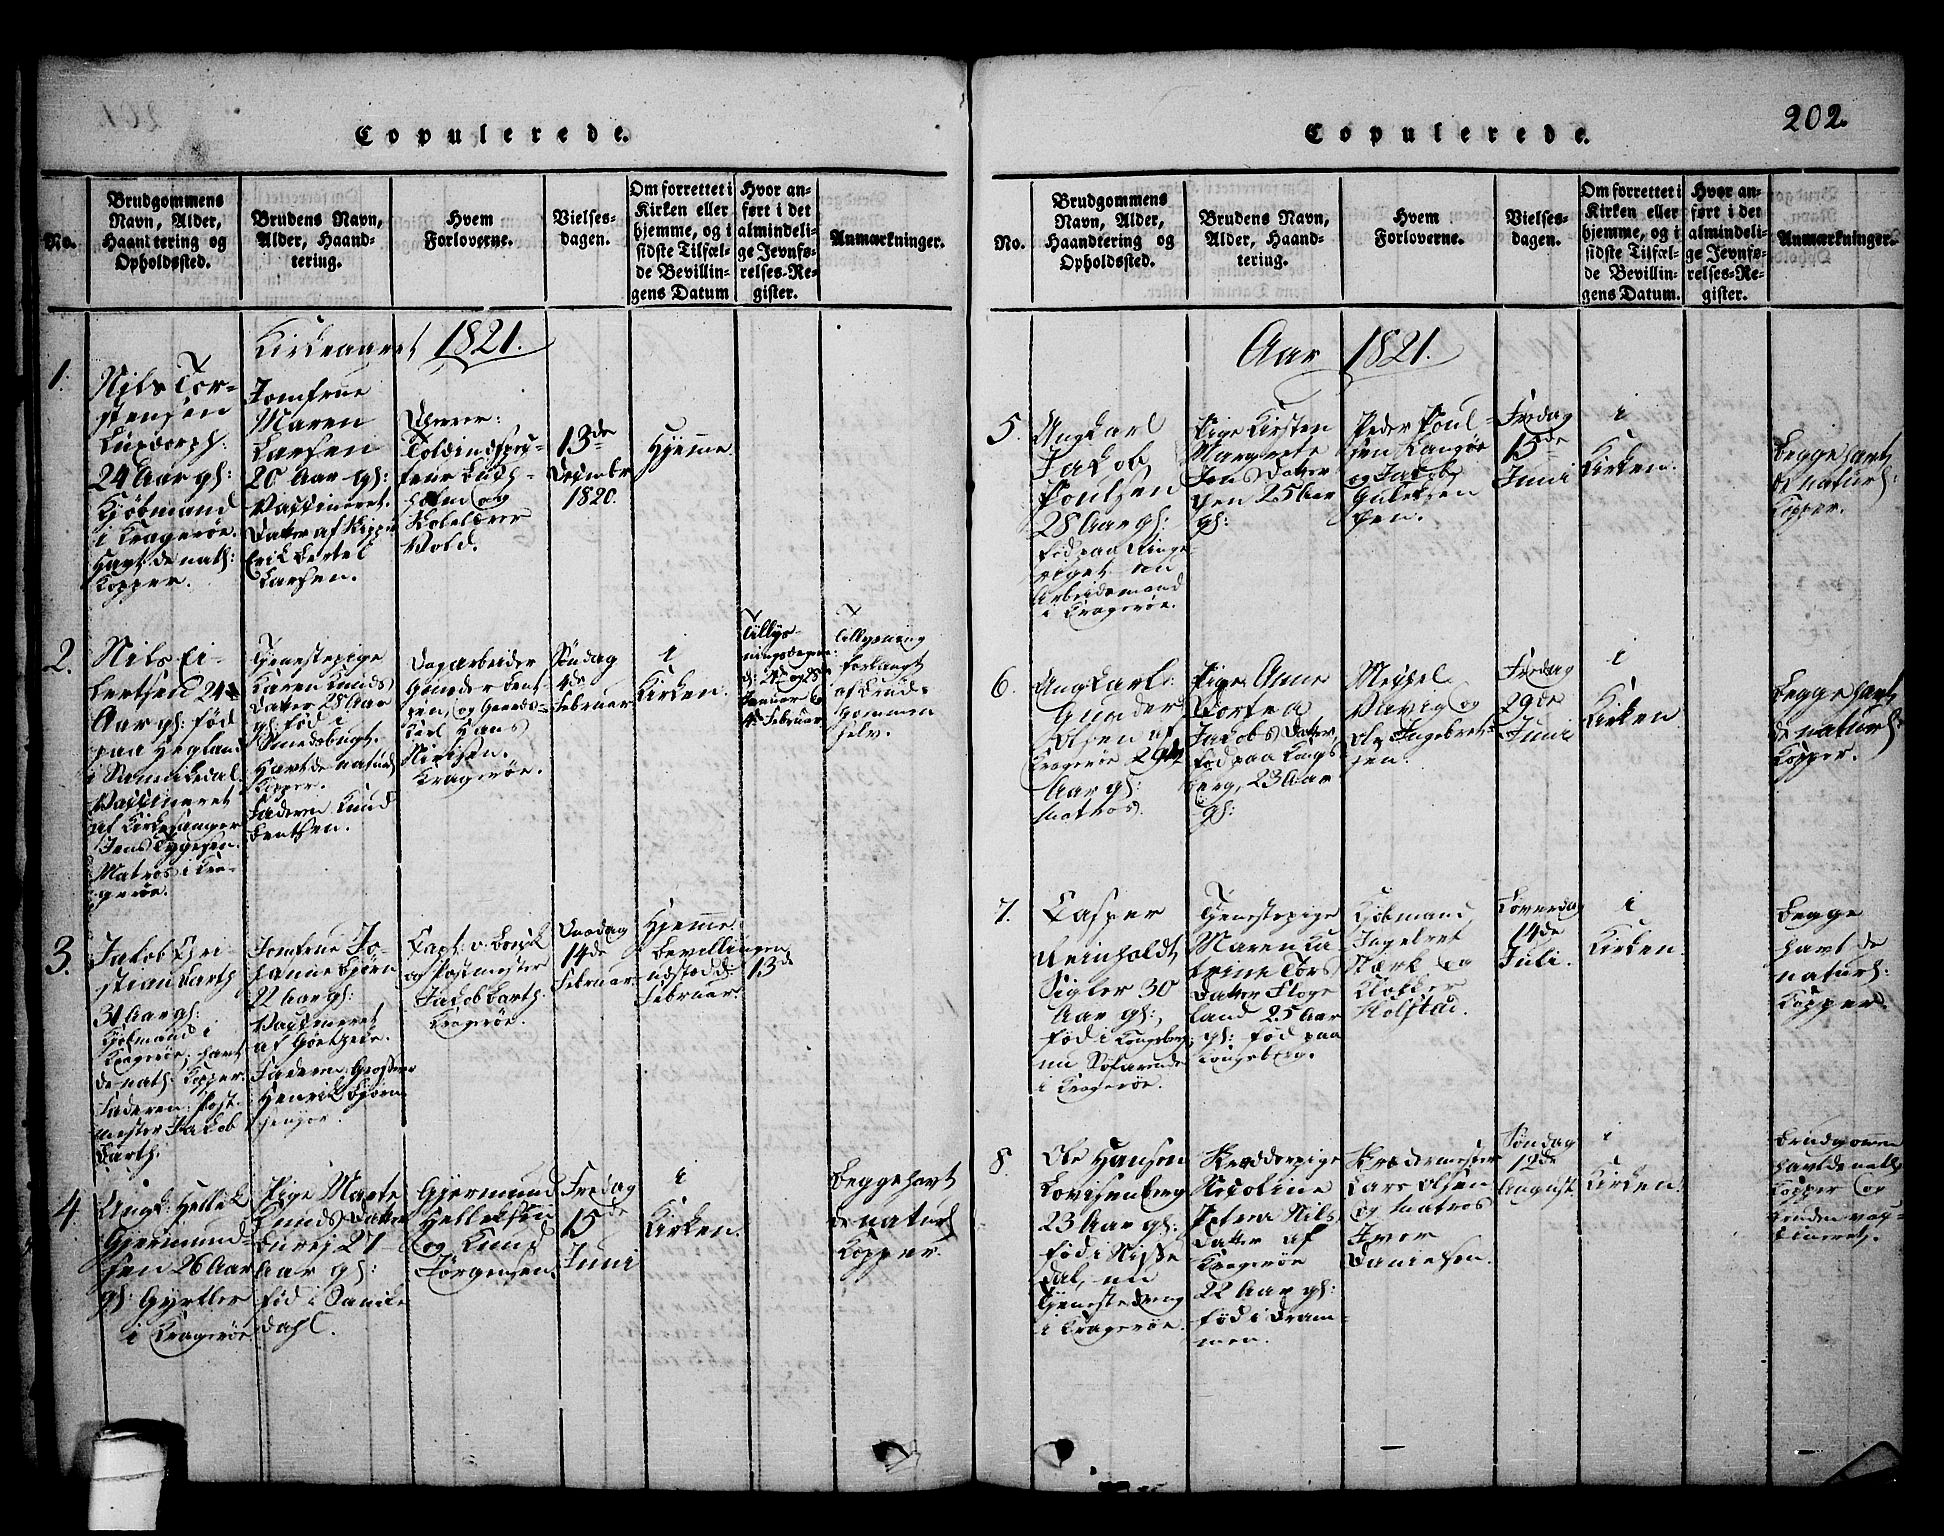 SAKO, Kragerø kirkebøker, G/Ga/L0002: Klokkerbok nr. 2, 1814-1831, s. 202